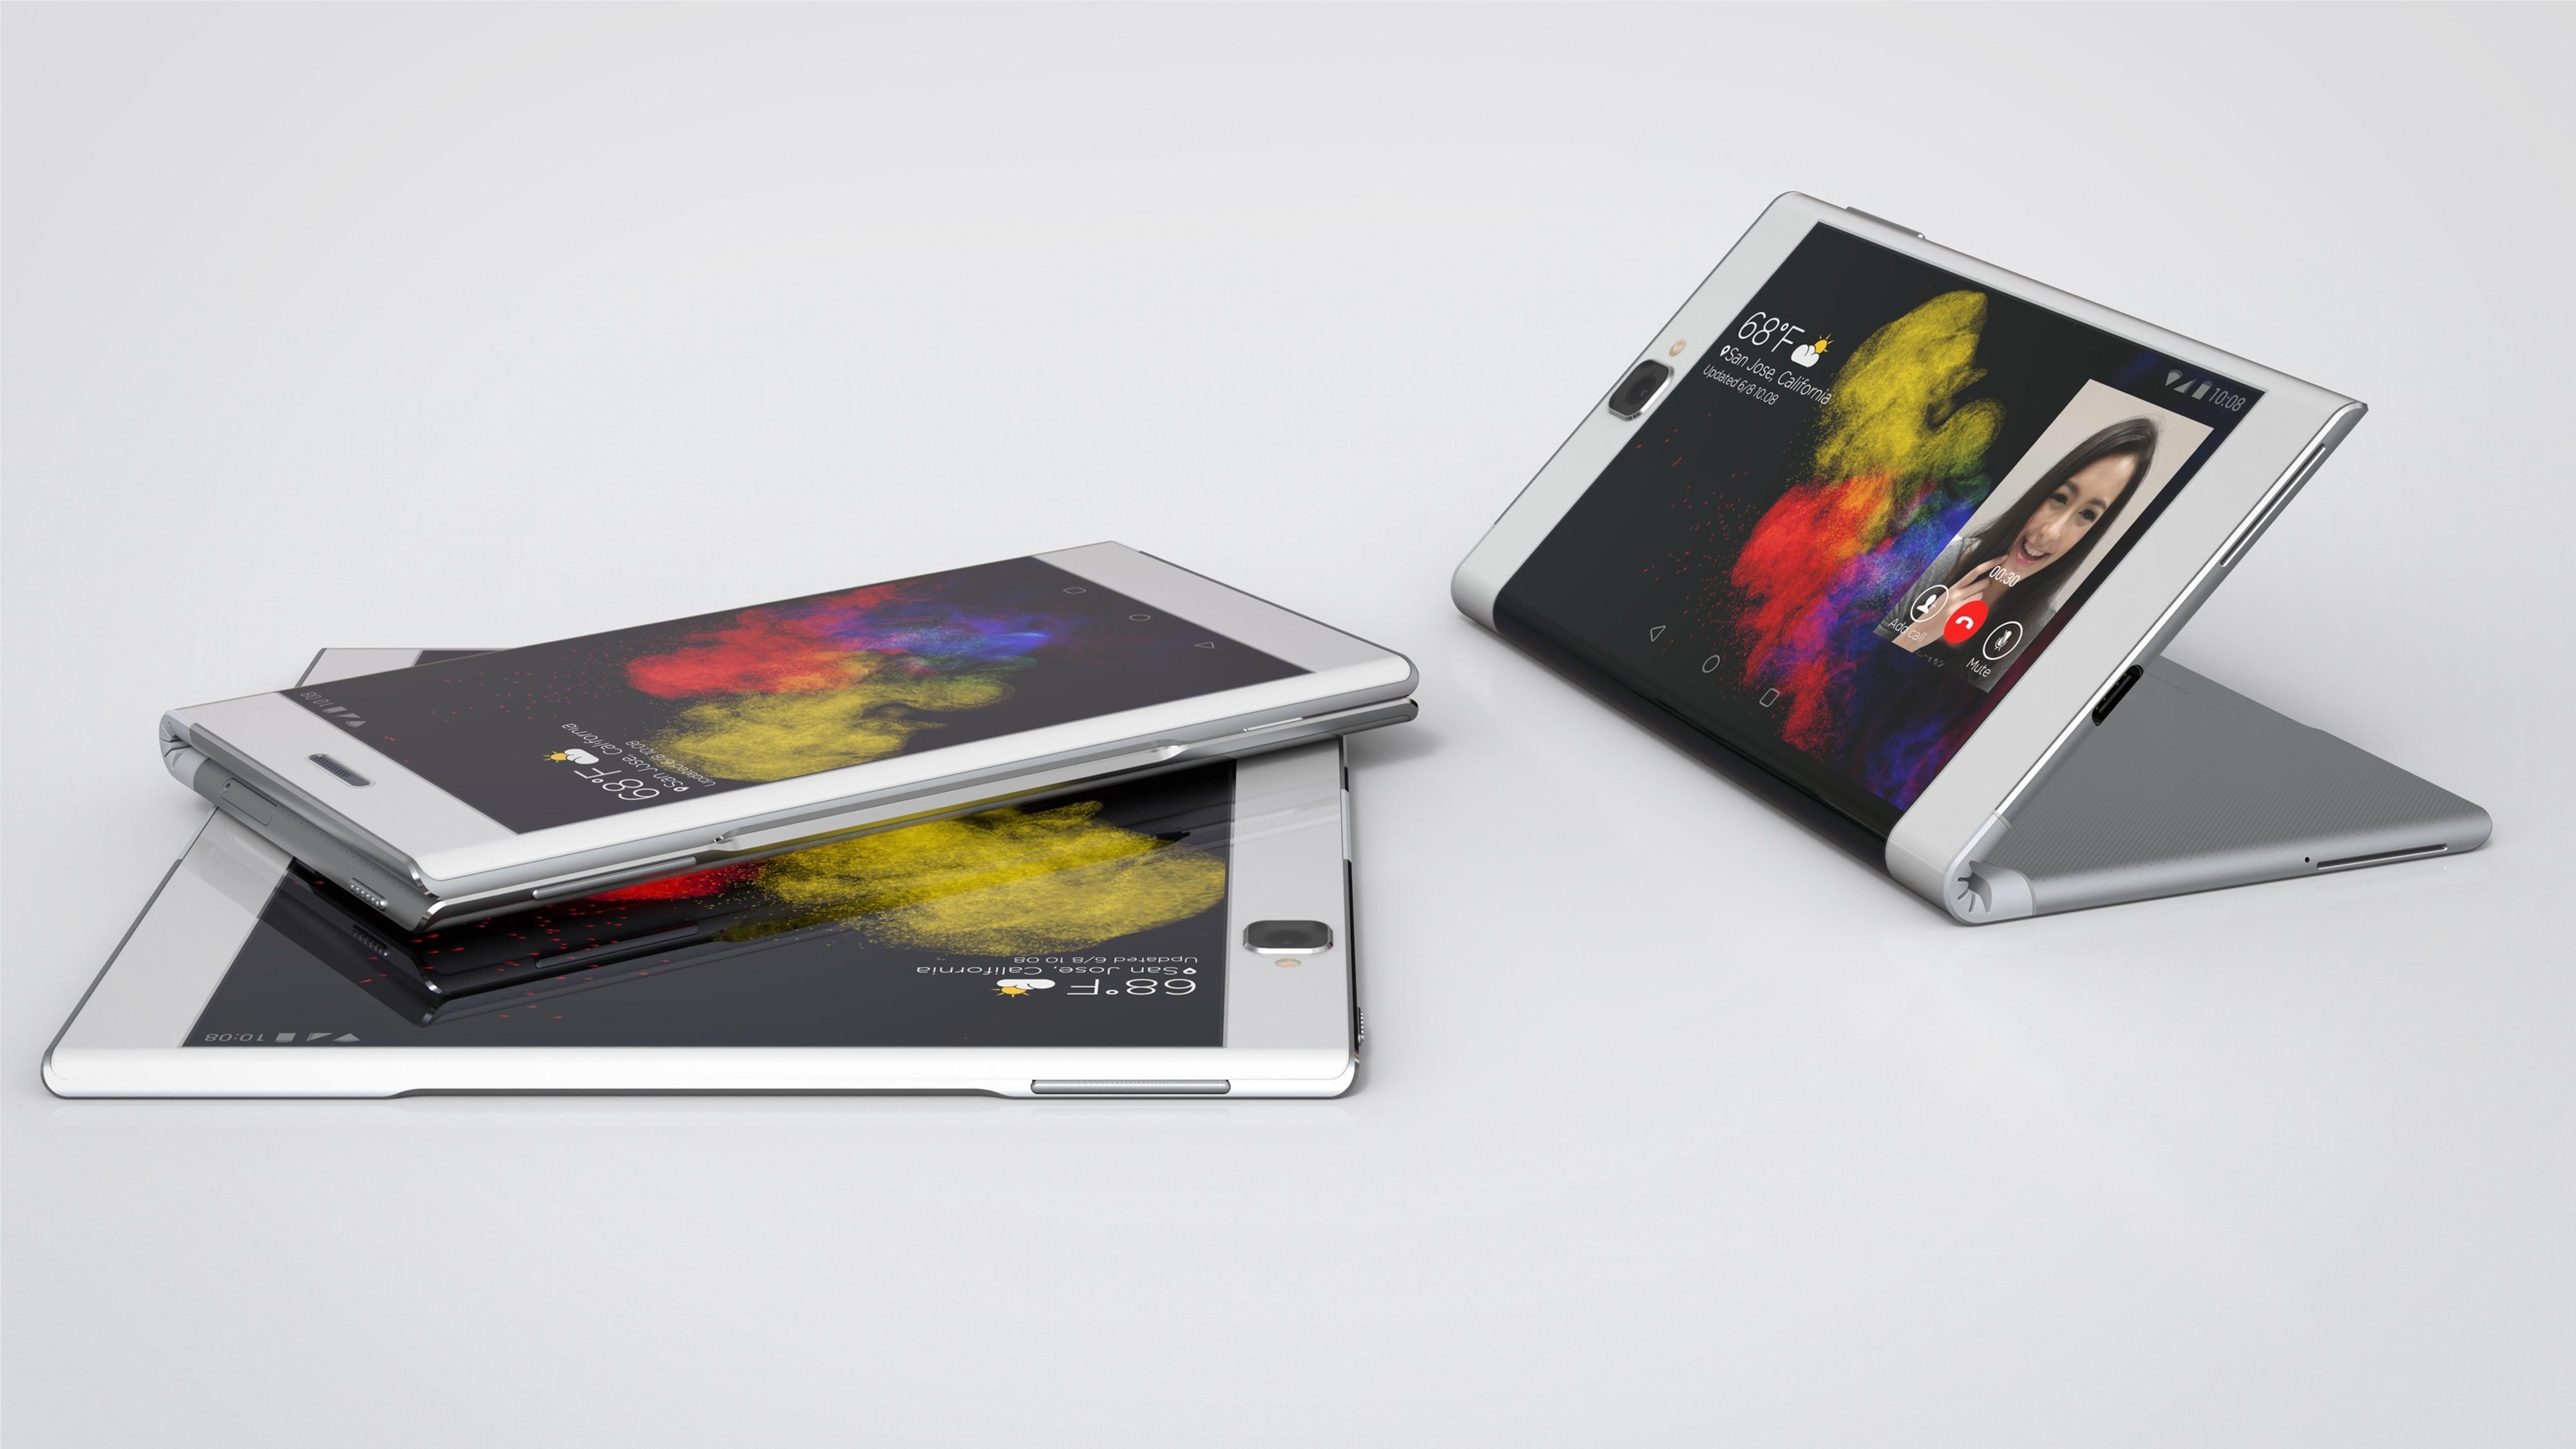 Tablične računalniki bomo kmalu lahko zložili v pametne mobilne telefone.